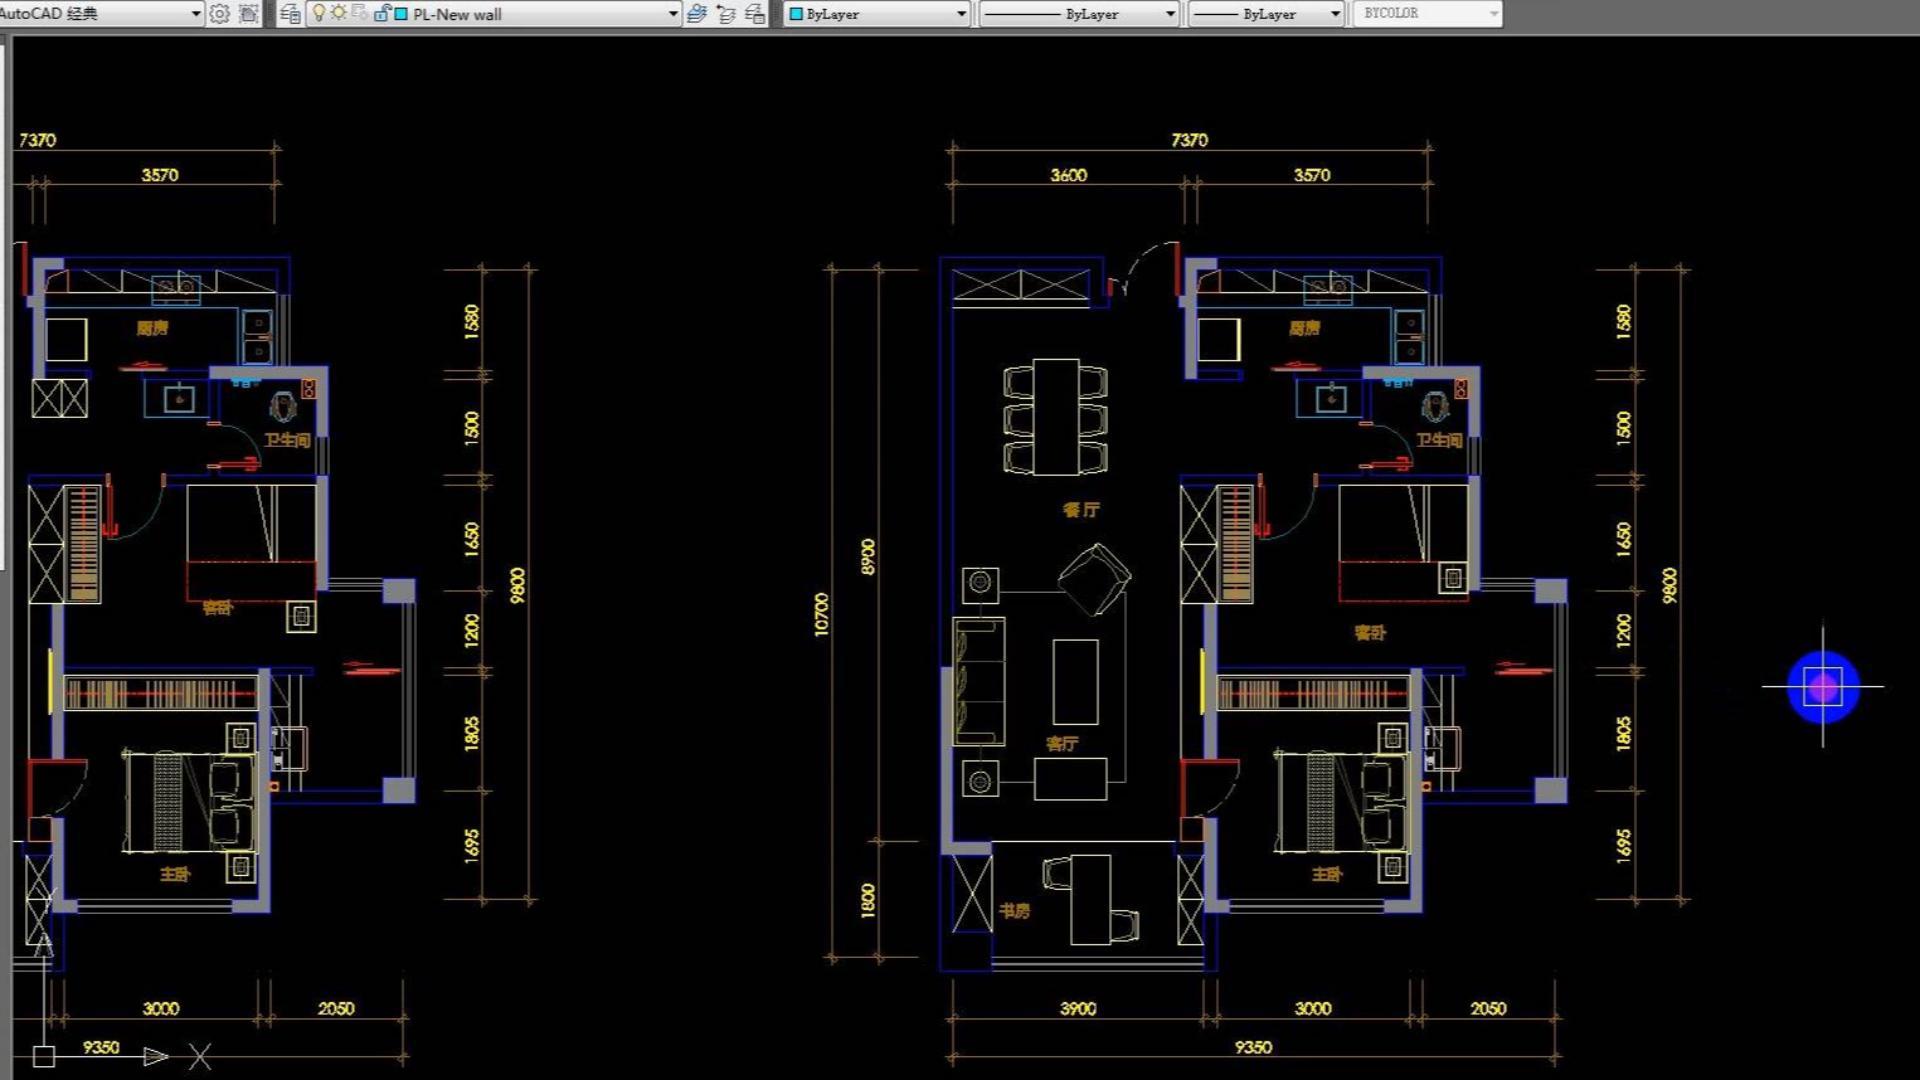 室内设计方案优化小房子大空间施工图画法你不知道的秘密~Part1